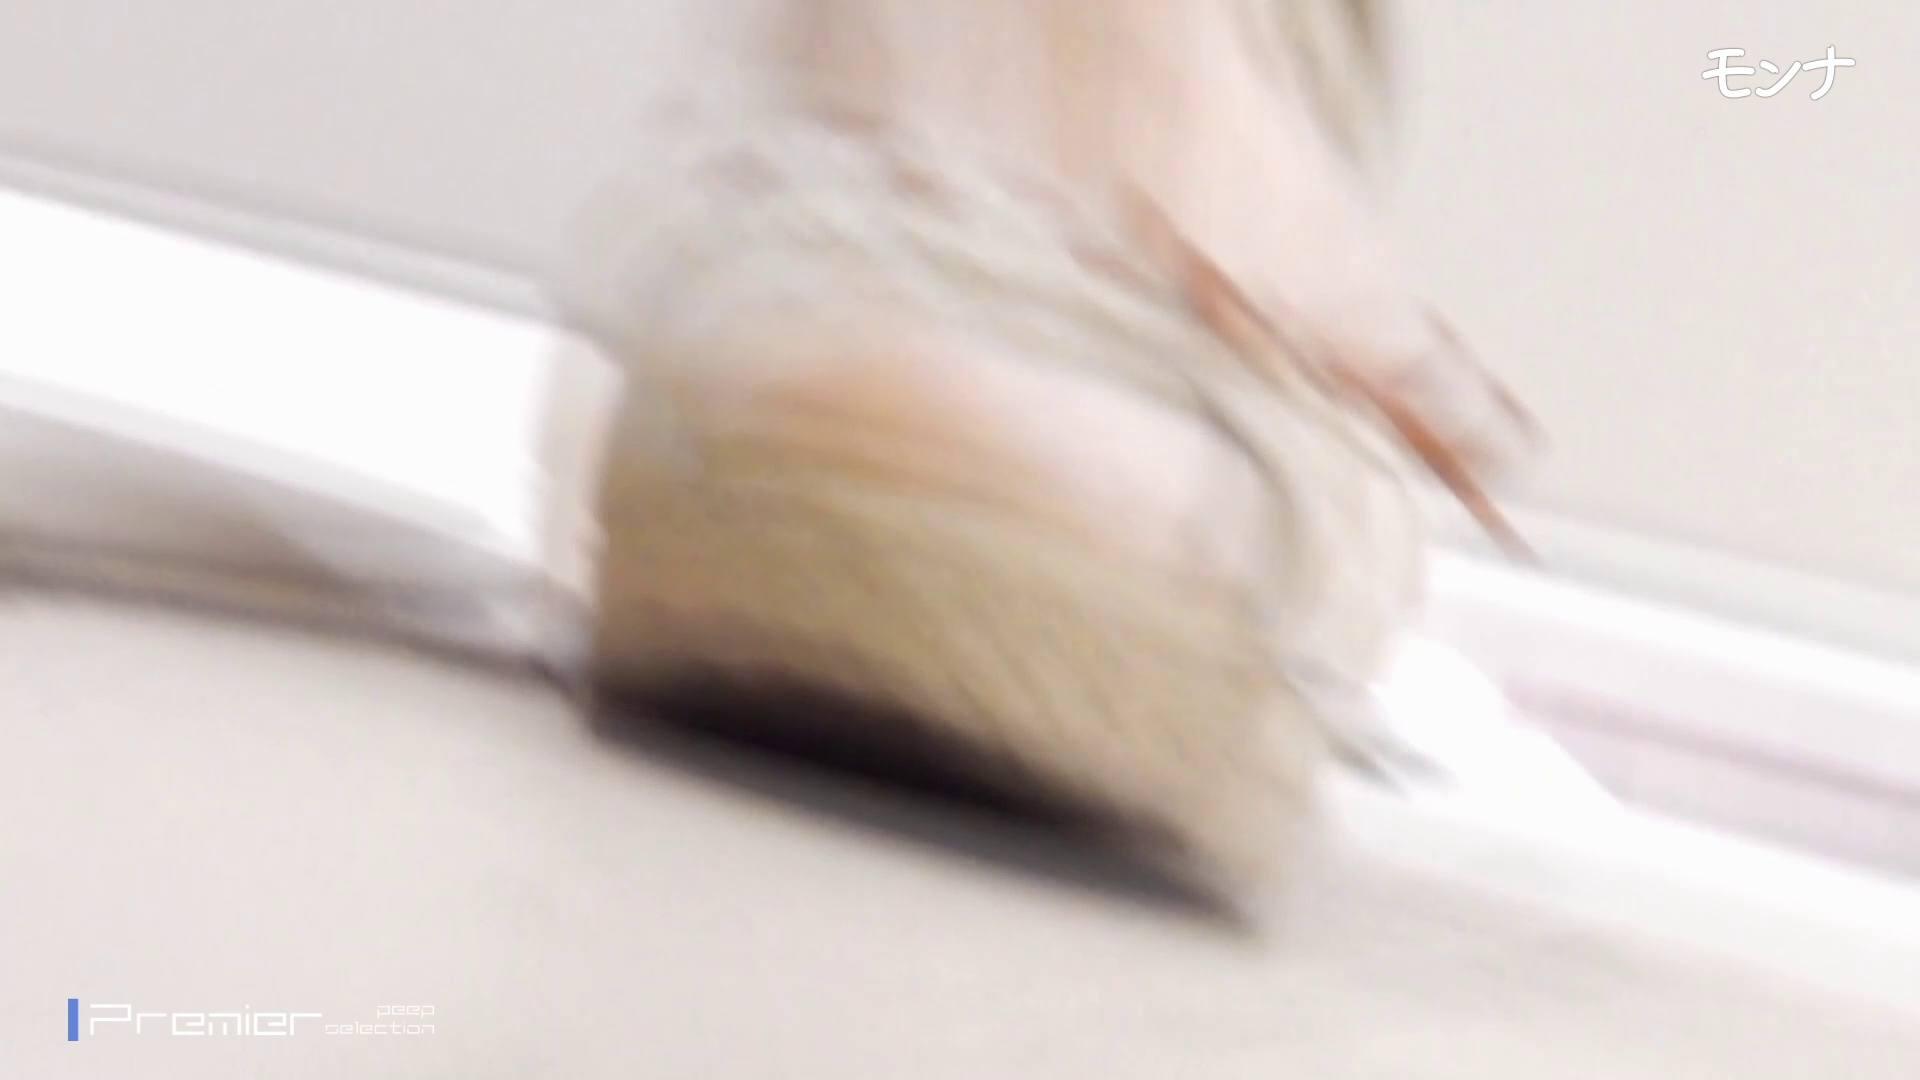 美しい日本の未来 No.70 若さゆえの美しい丸み 細身・スレンダー AV無料 35画像 6